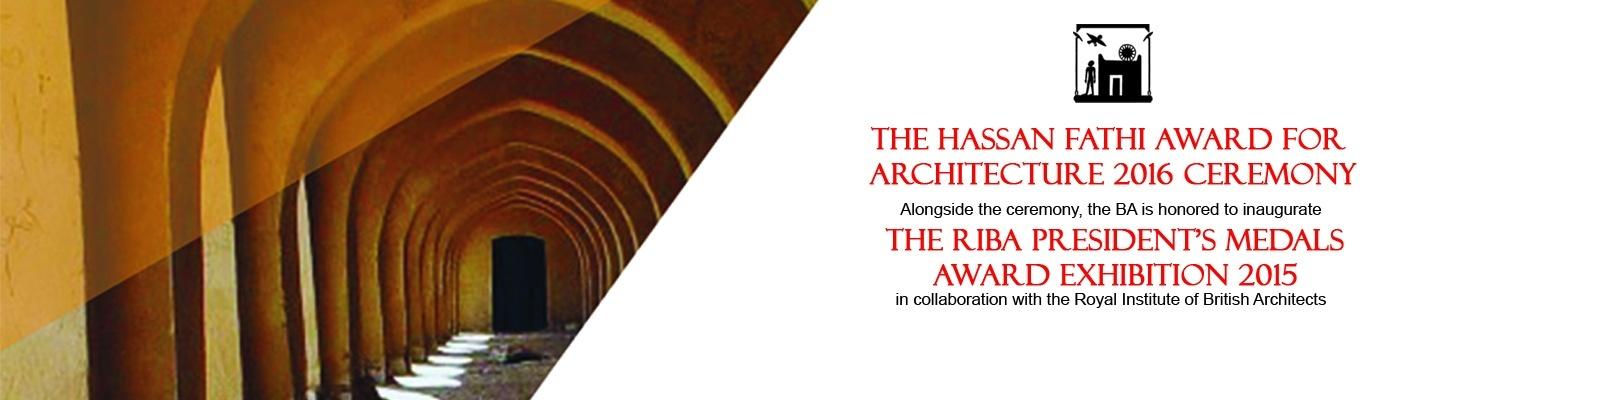 Prix Hassan Fathi d'Architecture 2016 et Exposition des Médailles de RIBA 2015